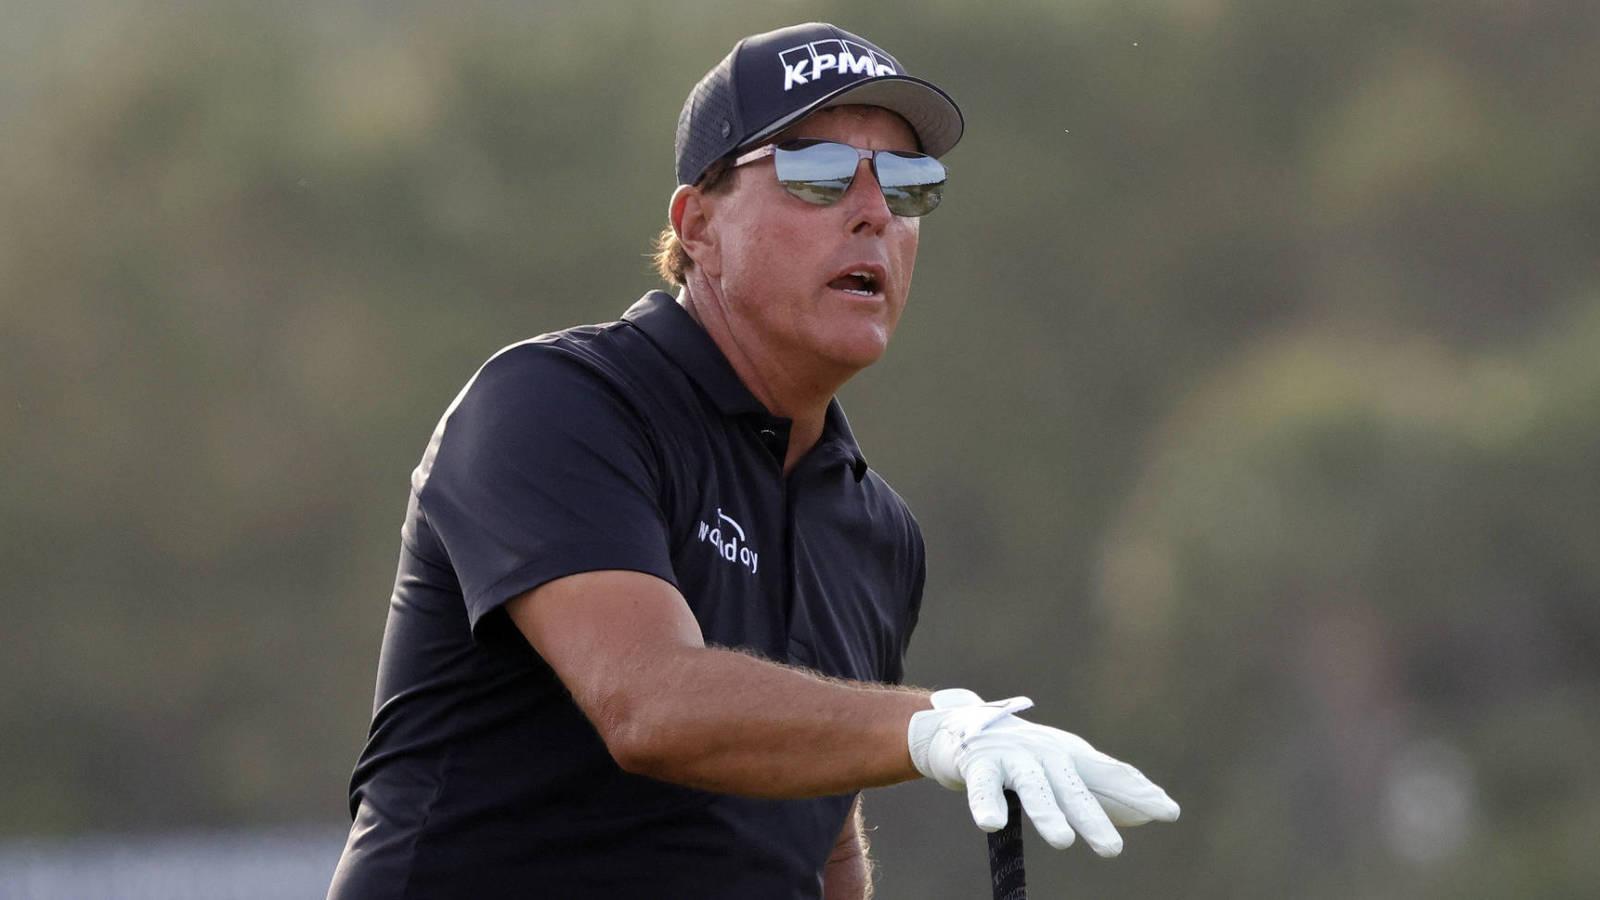 Phil Mickelson persigue una gran historia a los 50 años con gafas de sol